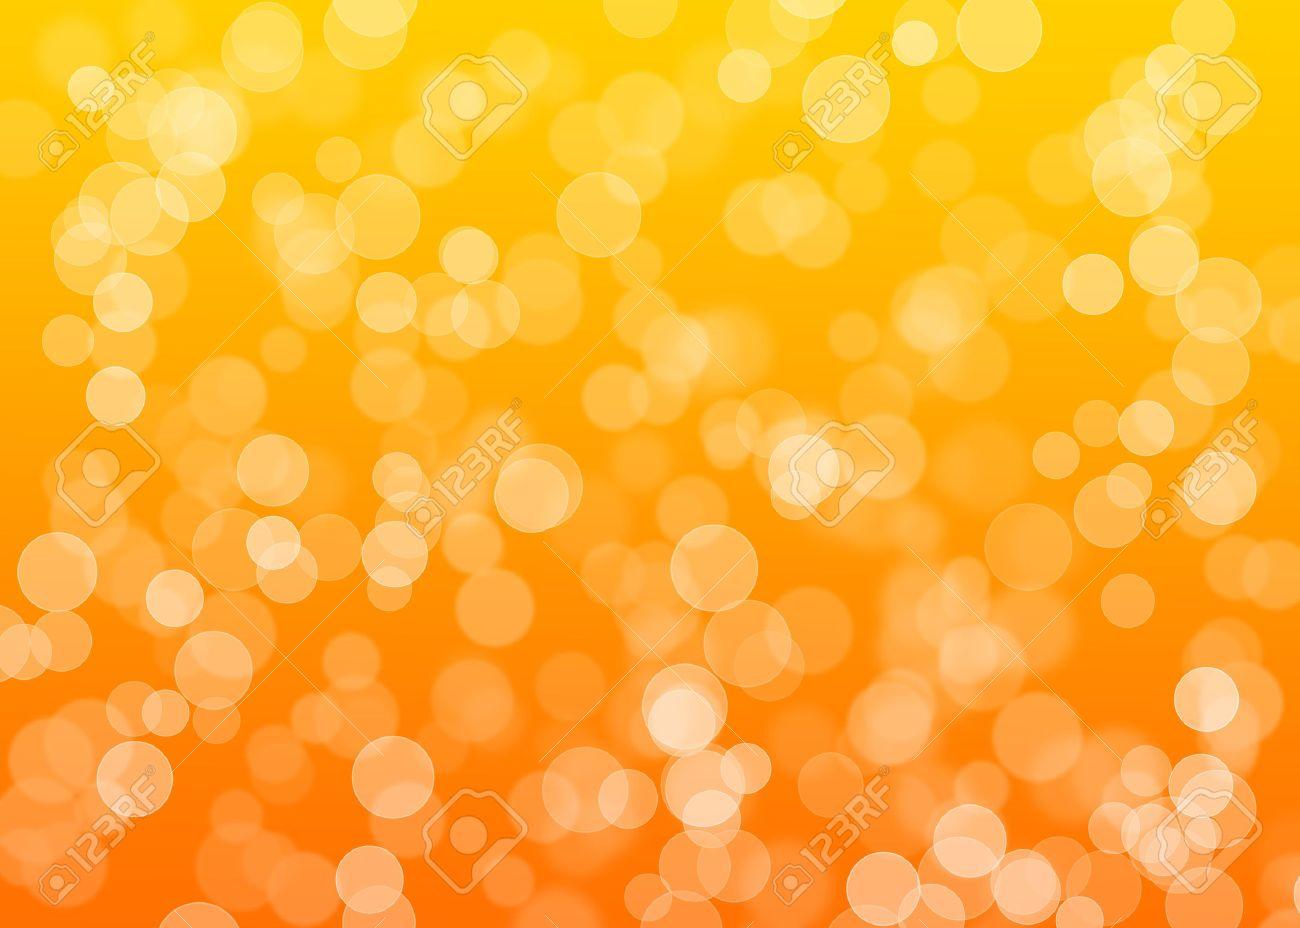 Bright orange christmas background - 10034016